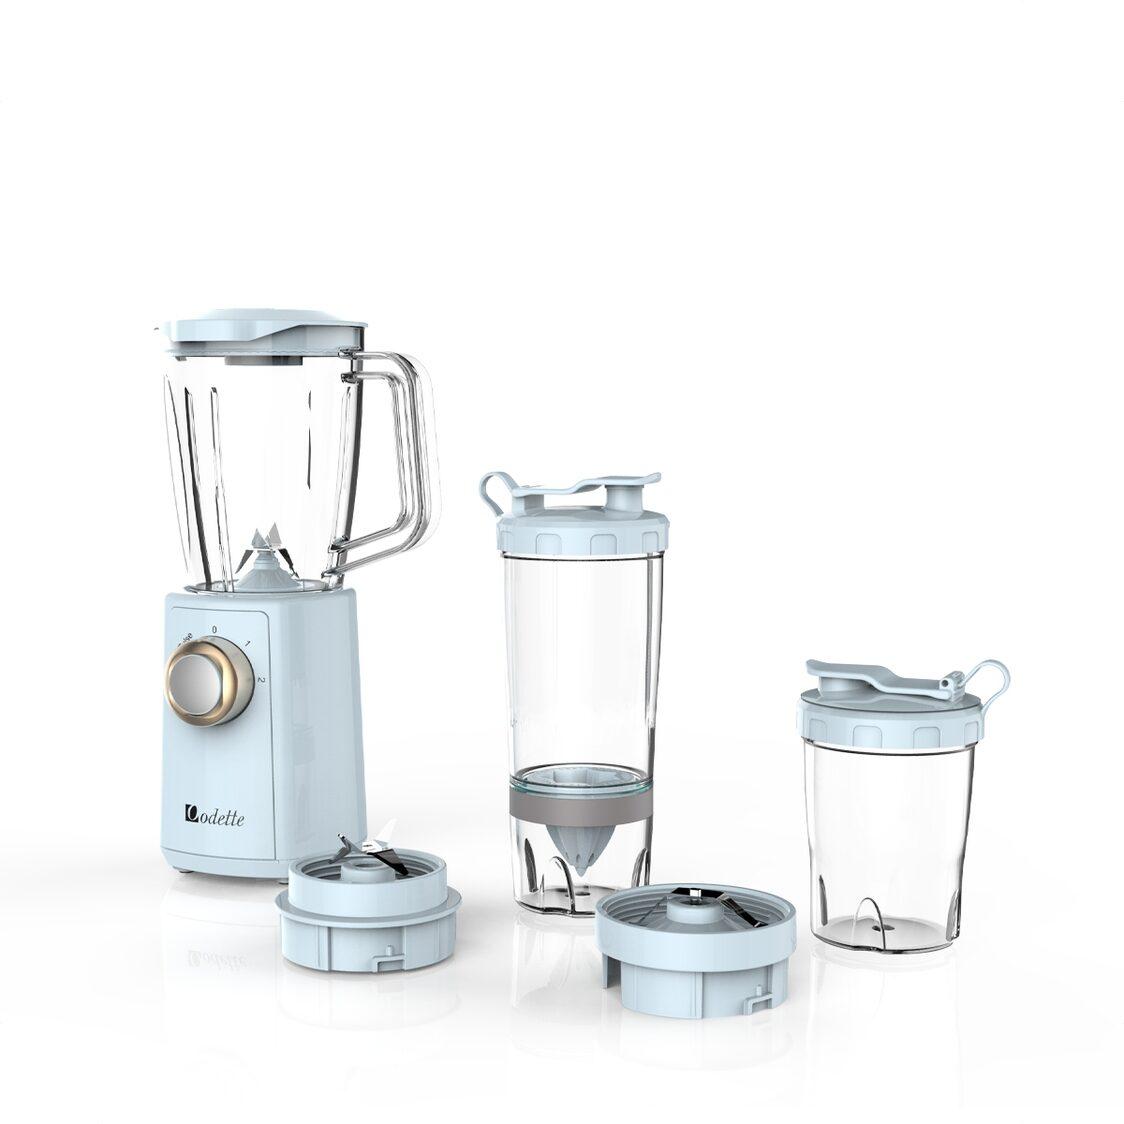 Odette 2 Speeds Blender with Lemon Juicer and Grinder Light Blue